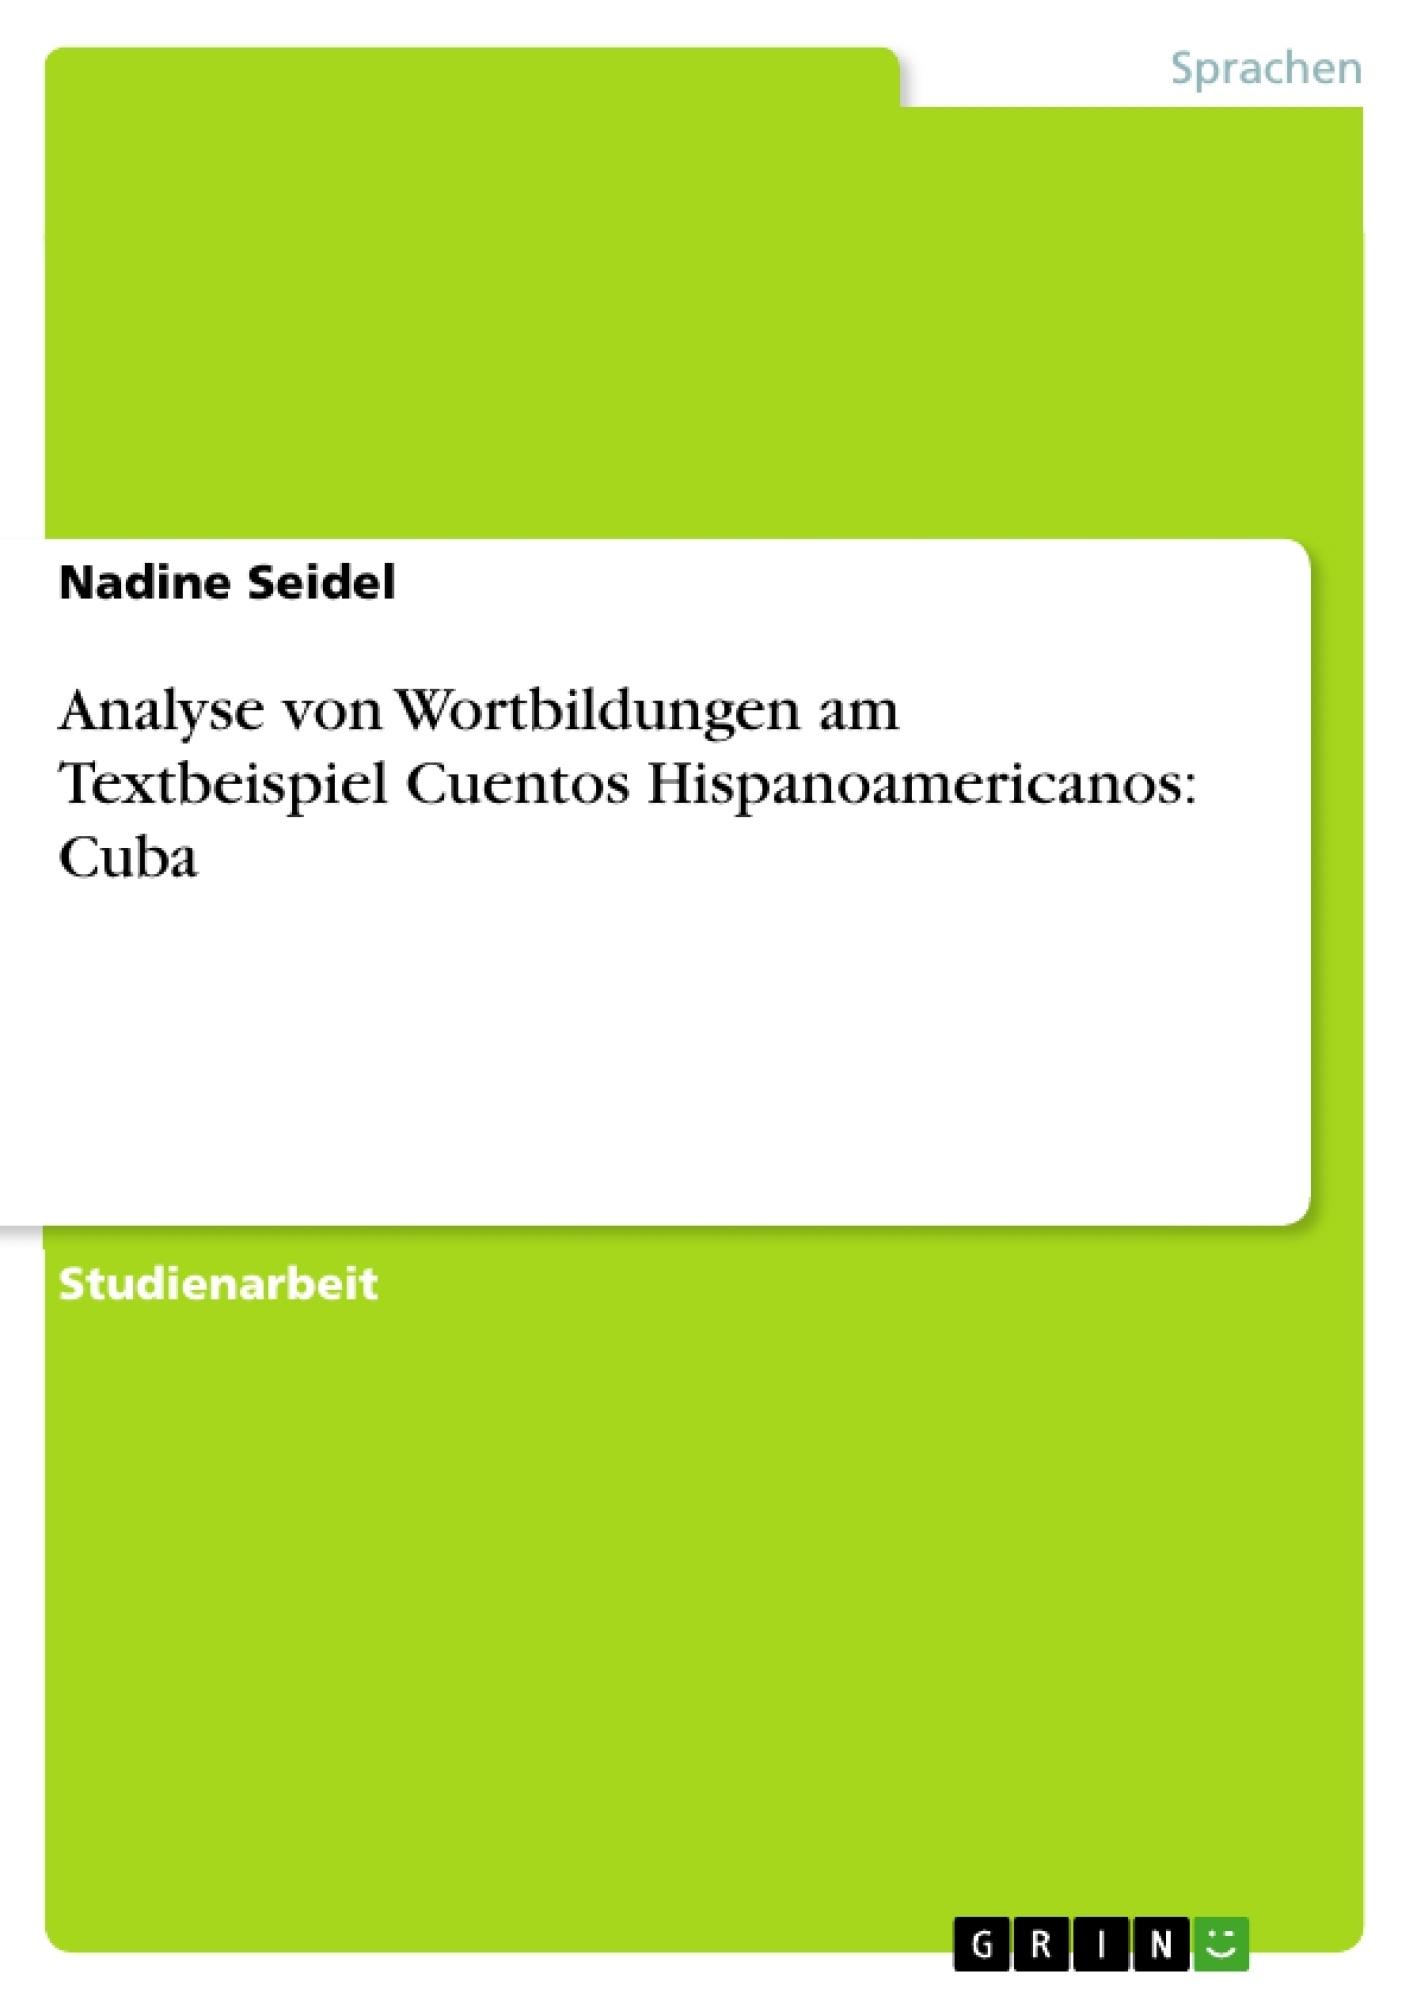 Titel: Analyse von Wortbildungen am Textbeispiel Cuentos Hispanoamericanos: Cuba